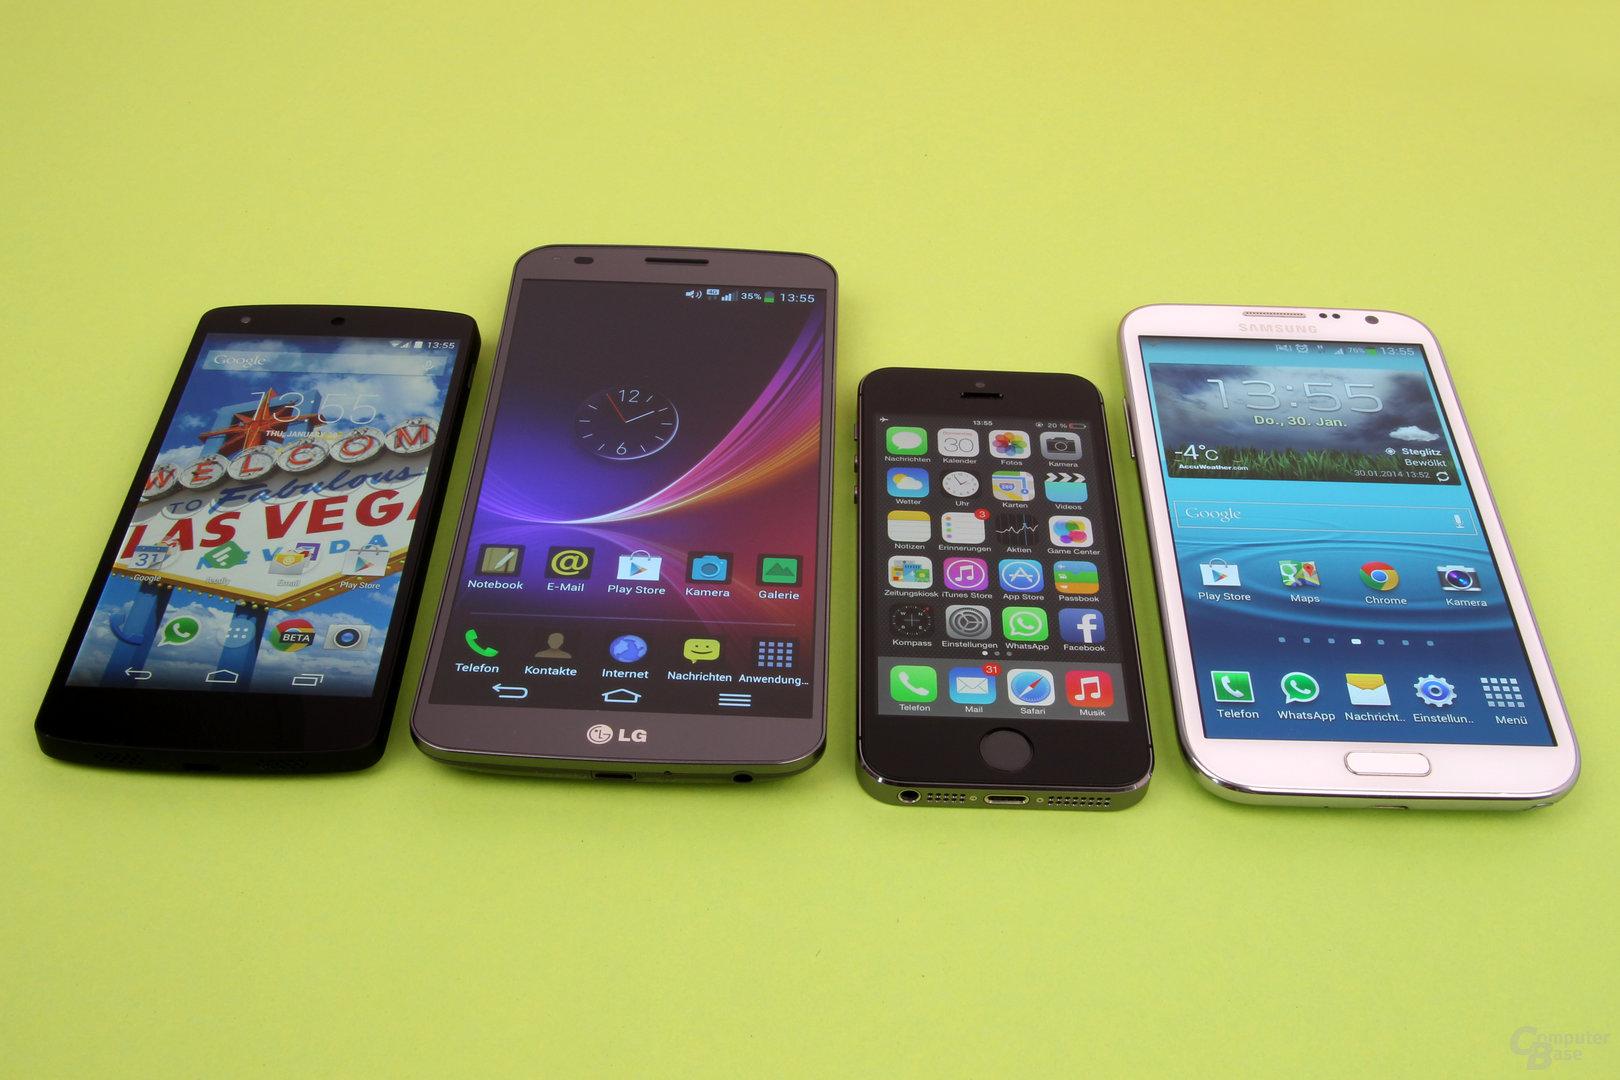 Größenvergleich: Google Nexus 5, LG G Flex, Apple iPhone 5S, Samsung Galaxy Note II